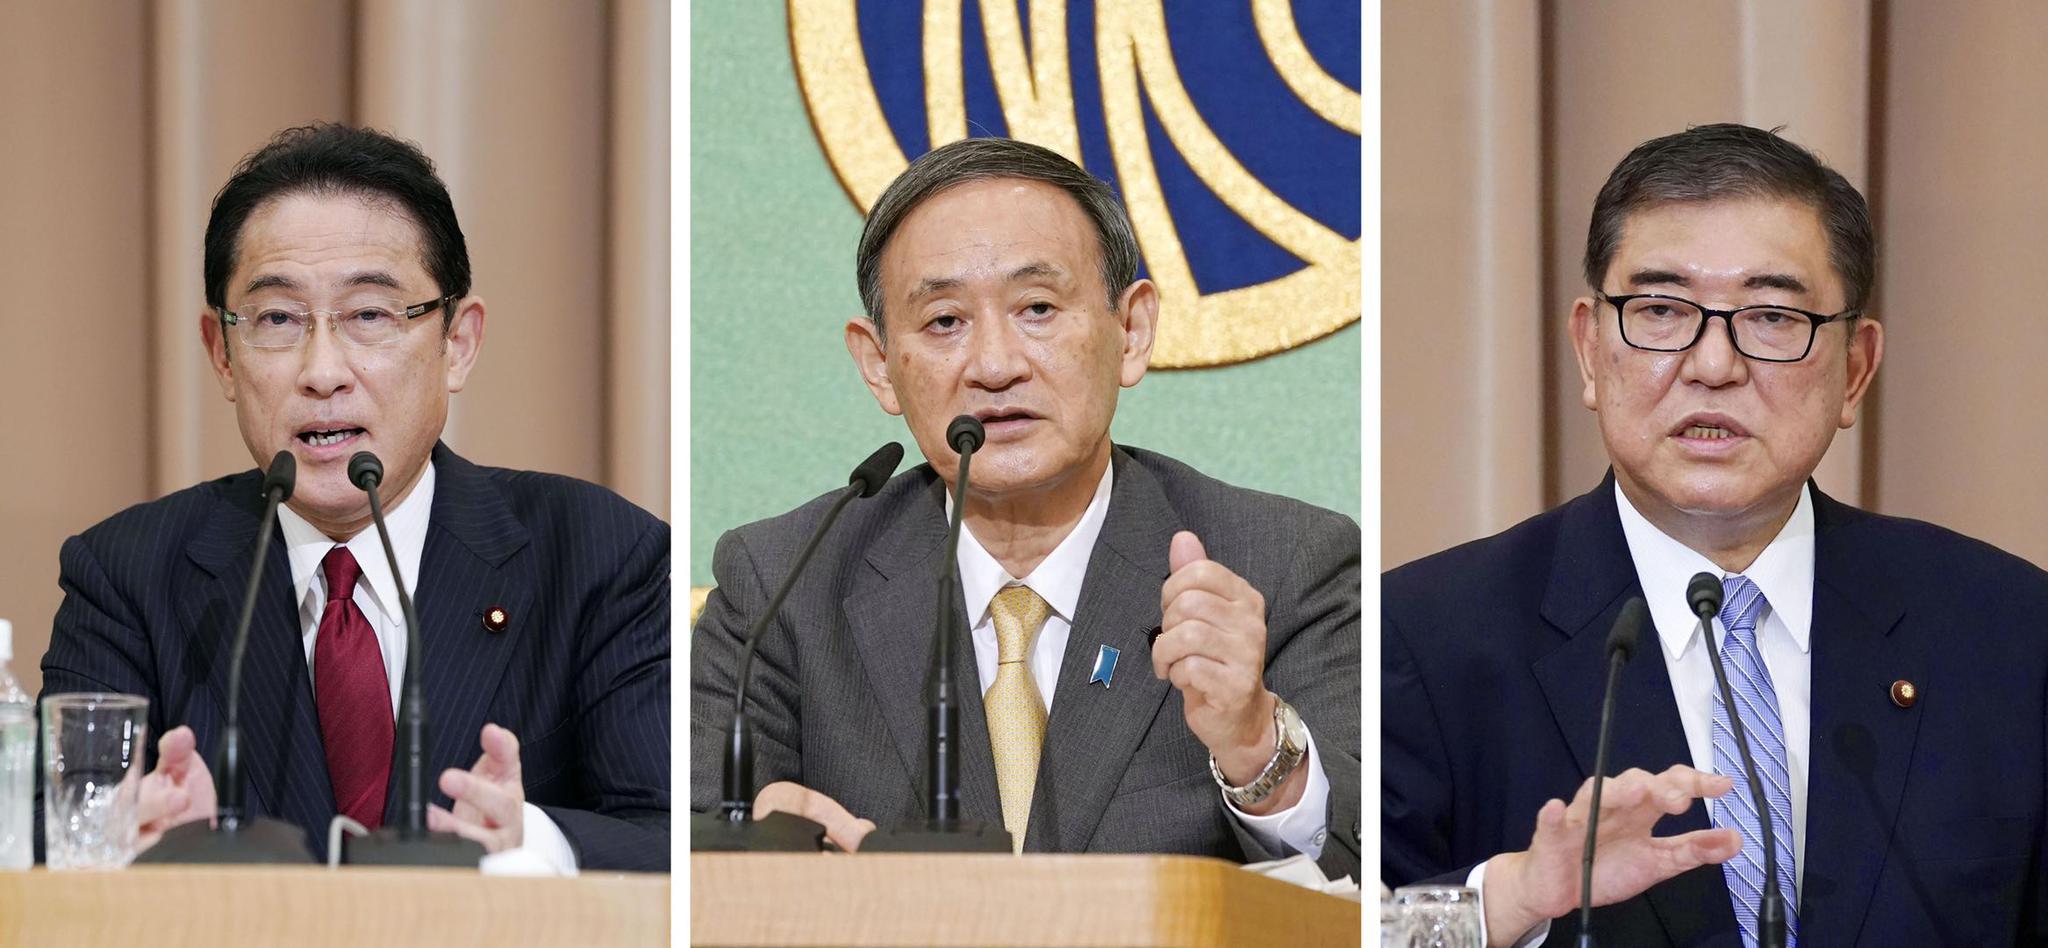 △岸田文雄(左)、菅义伟(中)、石破茂(右)